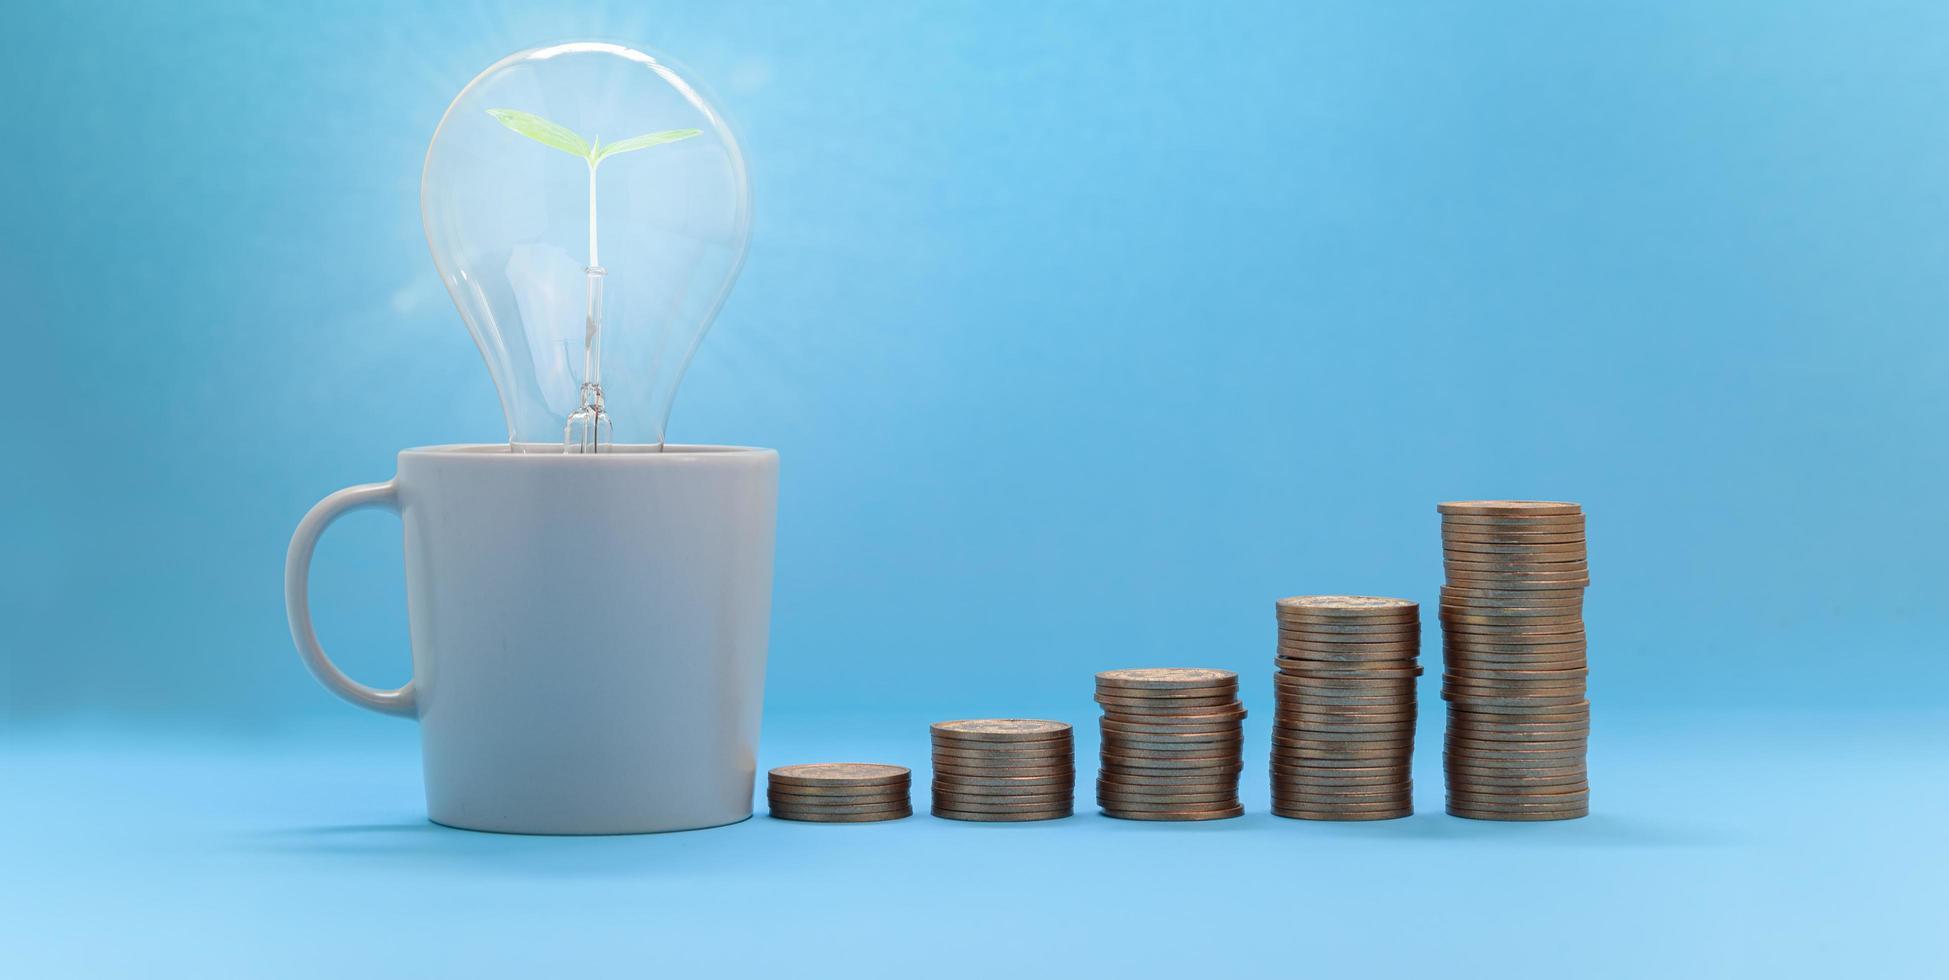 koncept investering lager finans tillväxt spara pengar foto